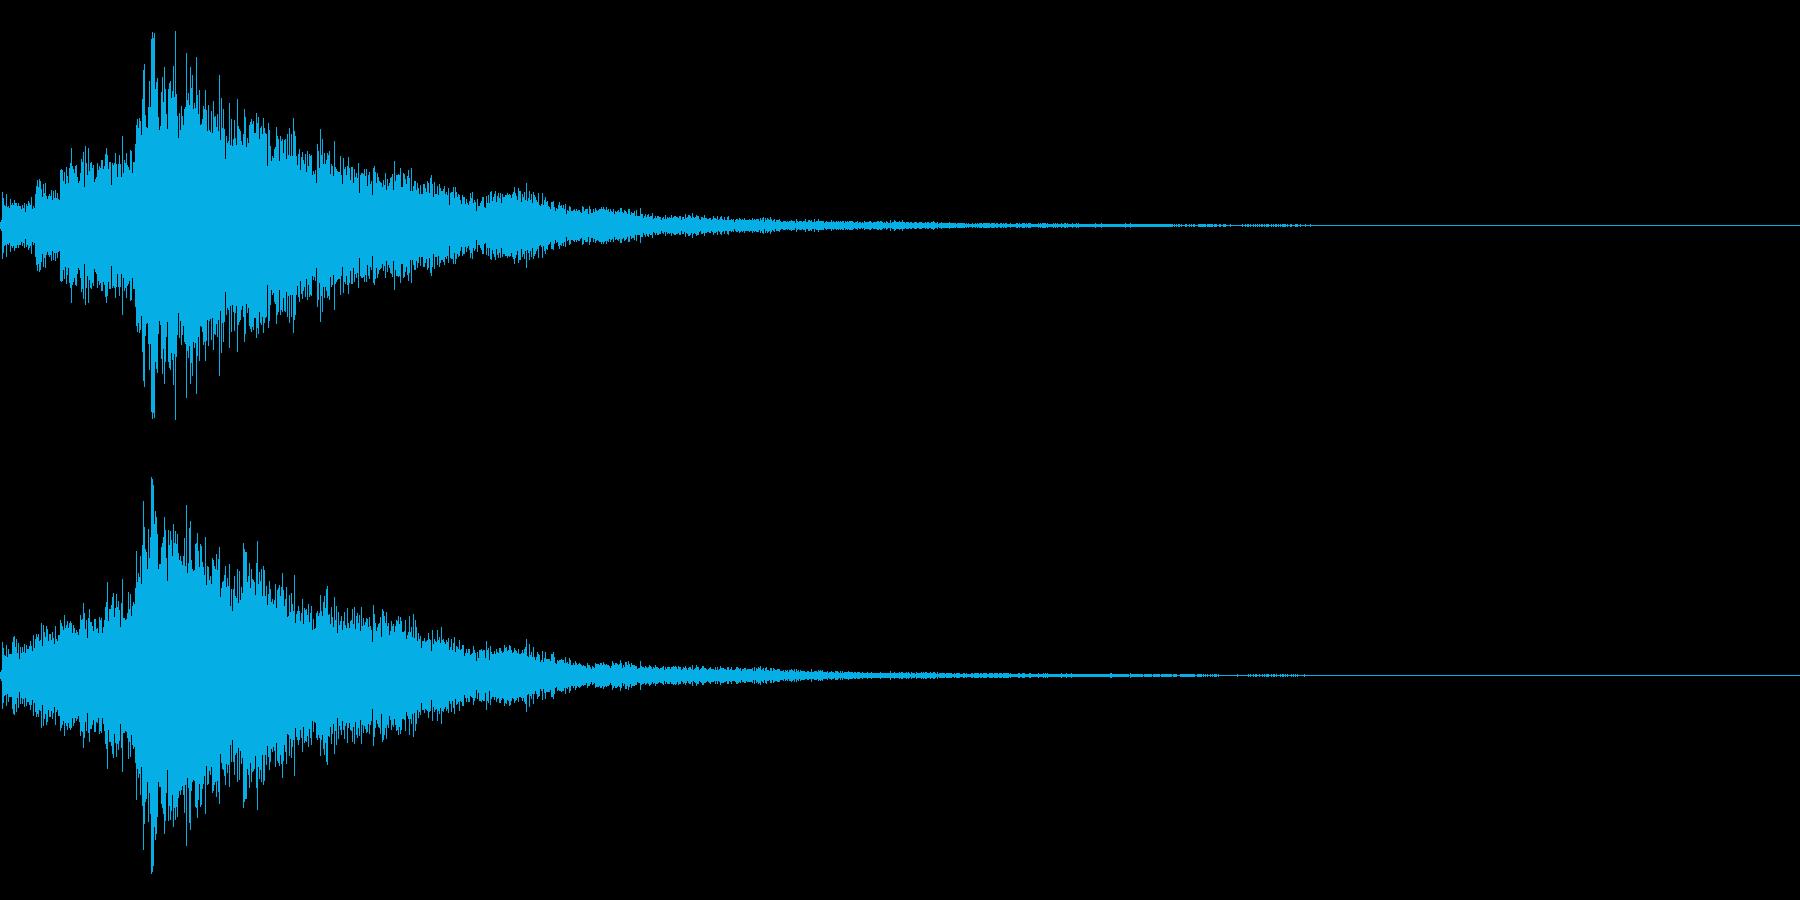 琴と刀の【シャキーン!】和風ロゴ 12の再生済みの波形